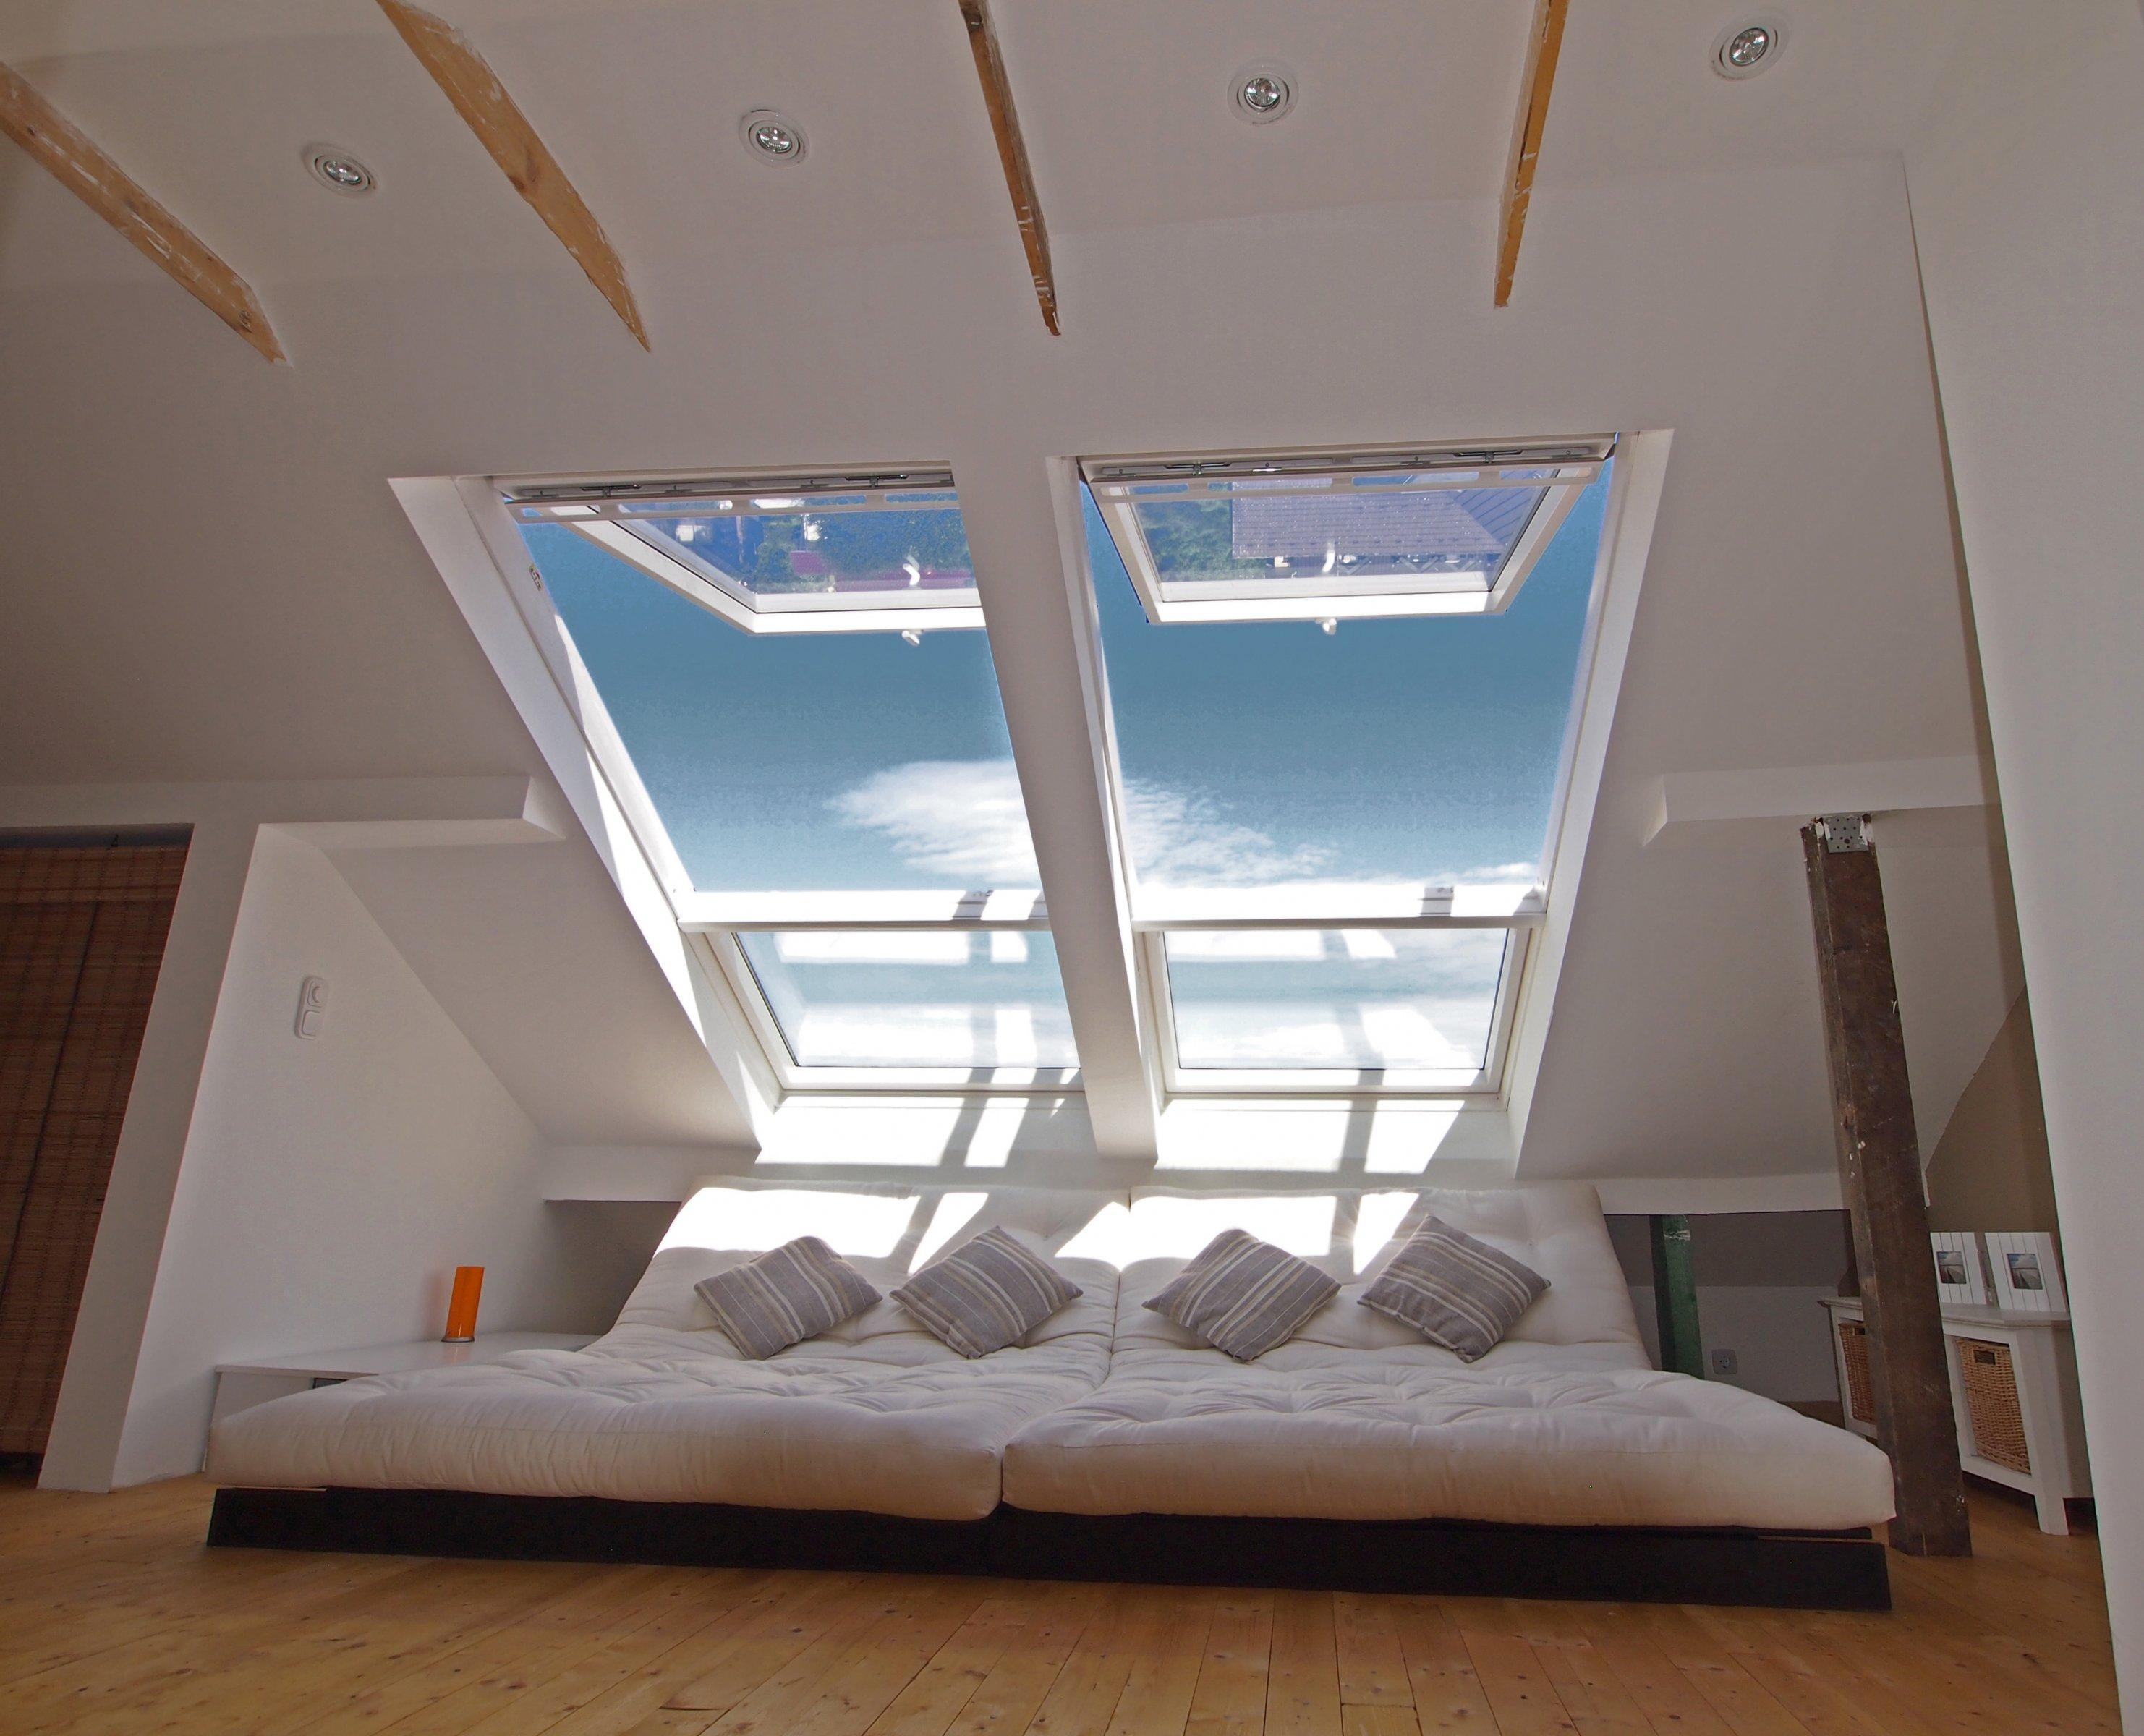 Wohnzimmer 39 Chillen Unterm Dach 39 Gr Nderzeitschatztruhe Zimmerschau